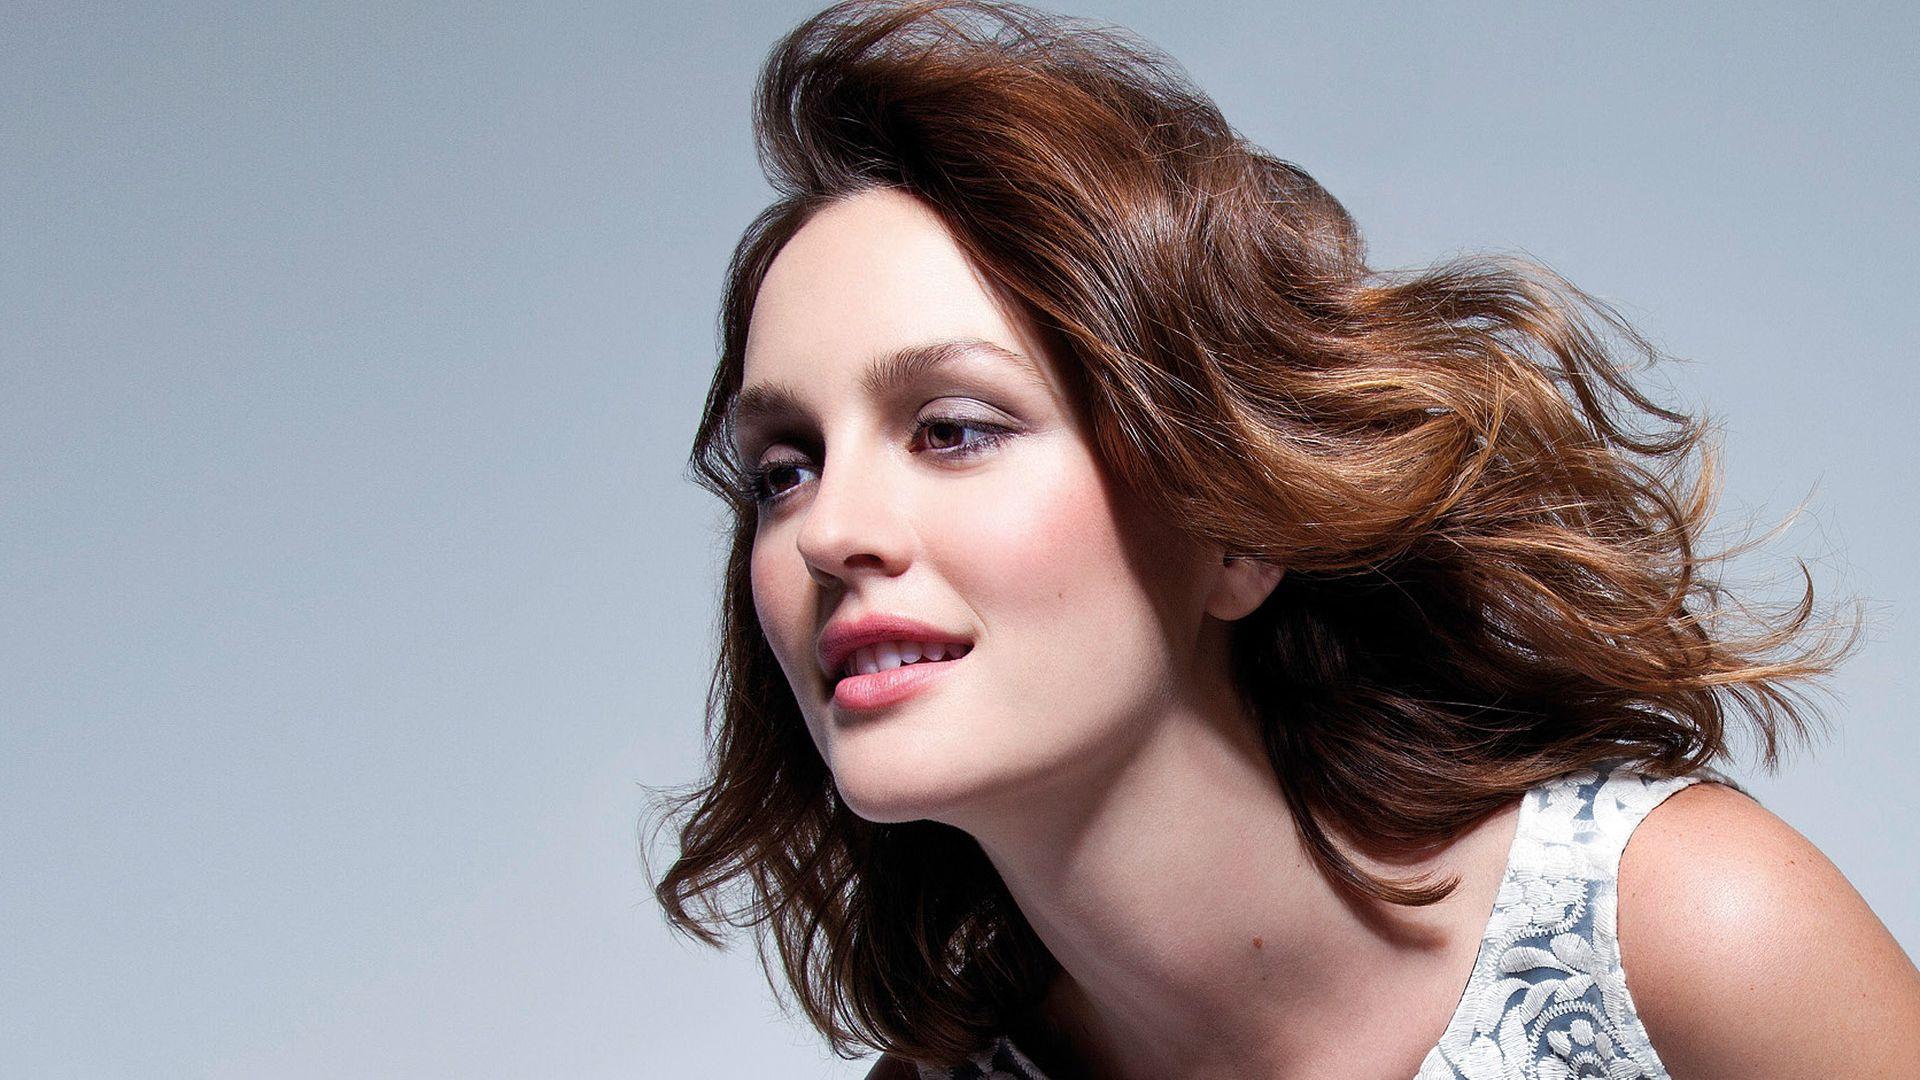 Wallpaper Brunette, celebrity, smile, Leighton Meester